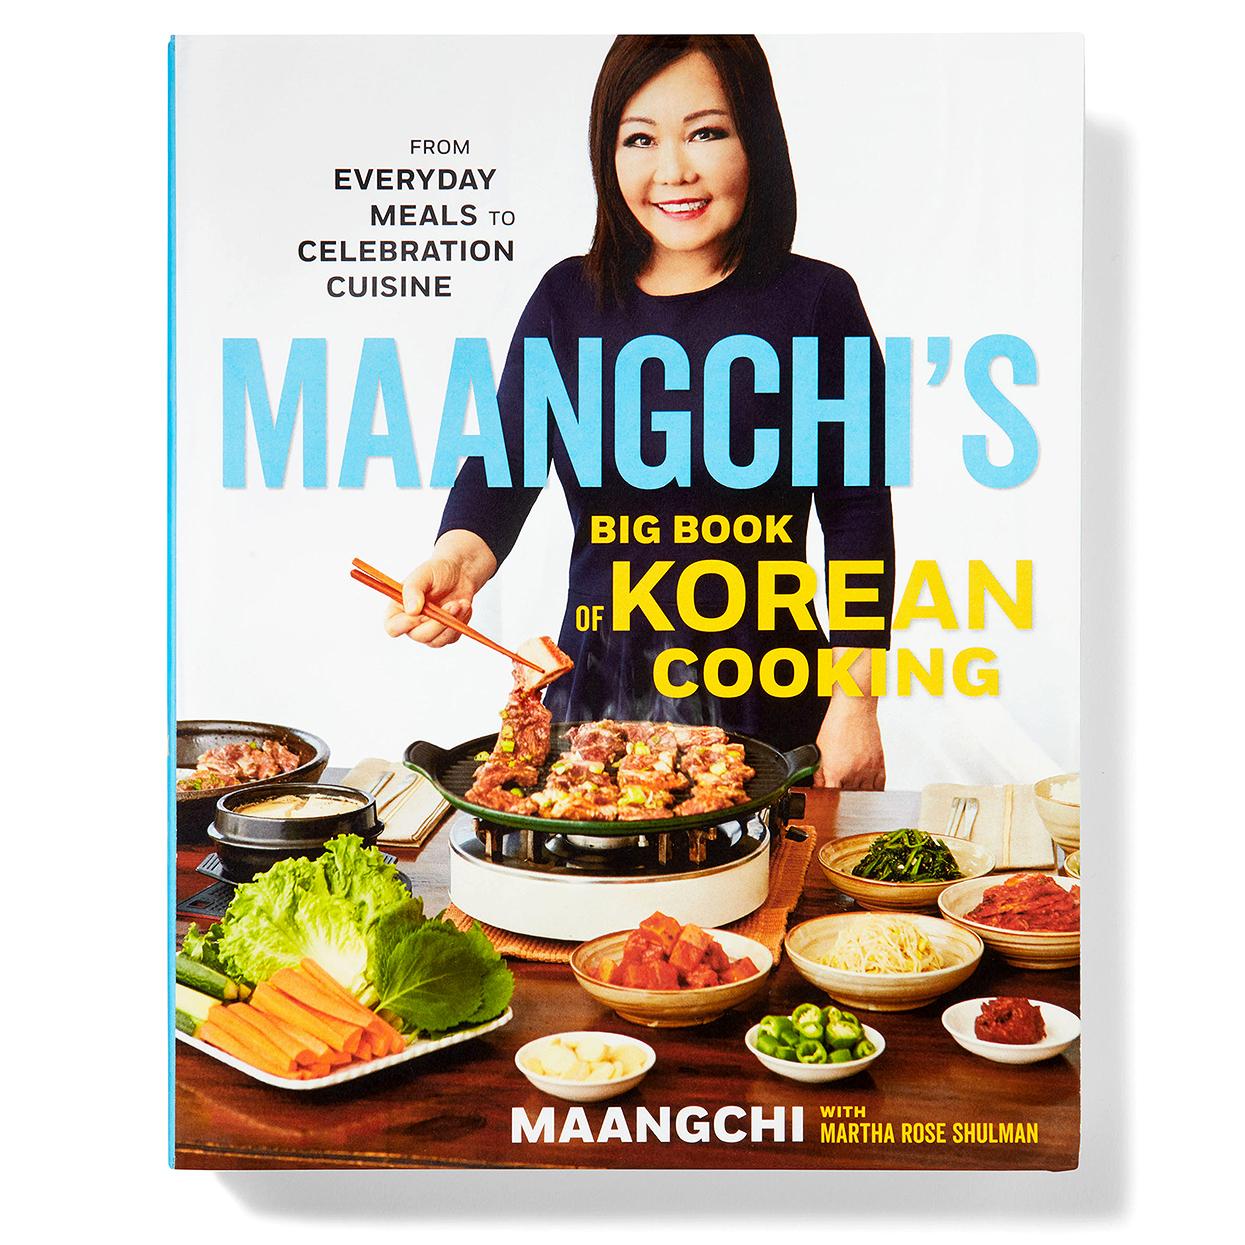 Maangchi's Big Book of Korean Cooking cover